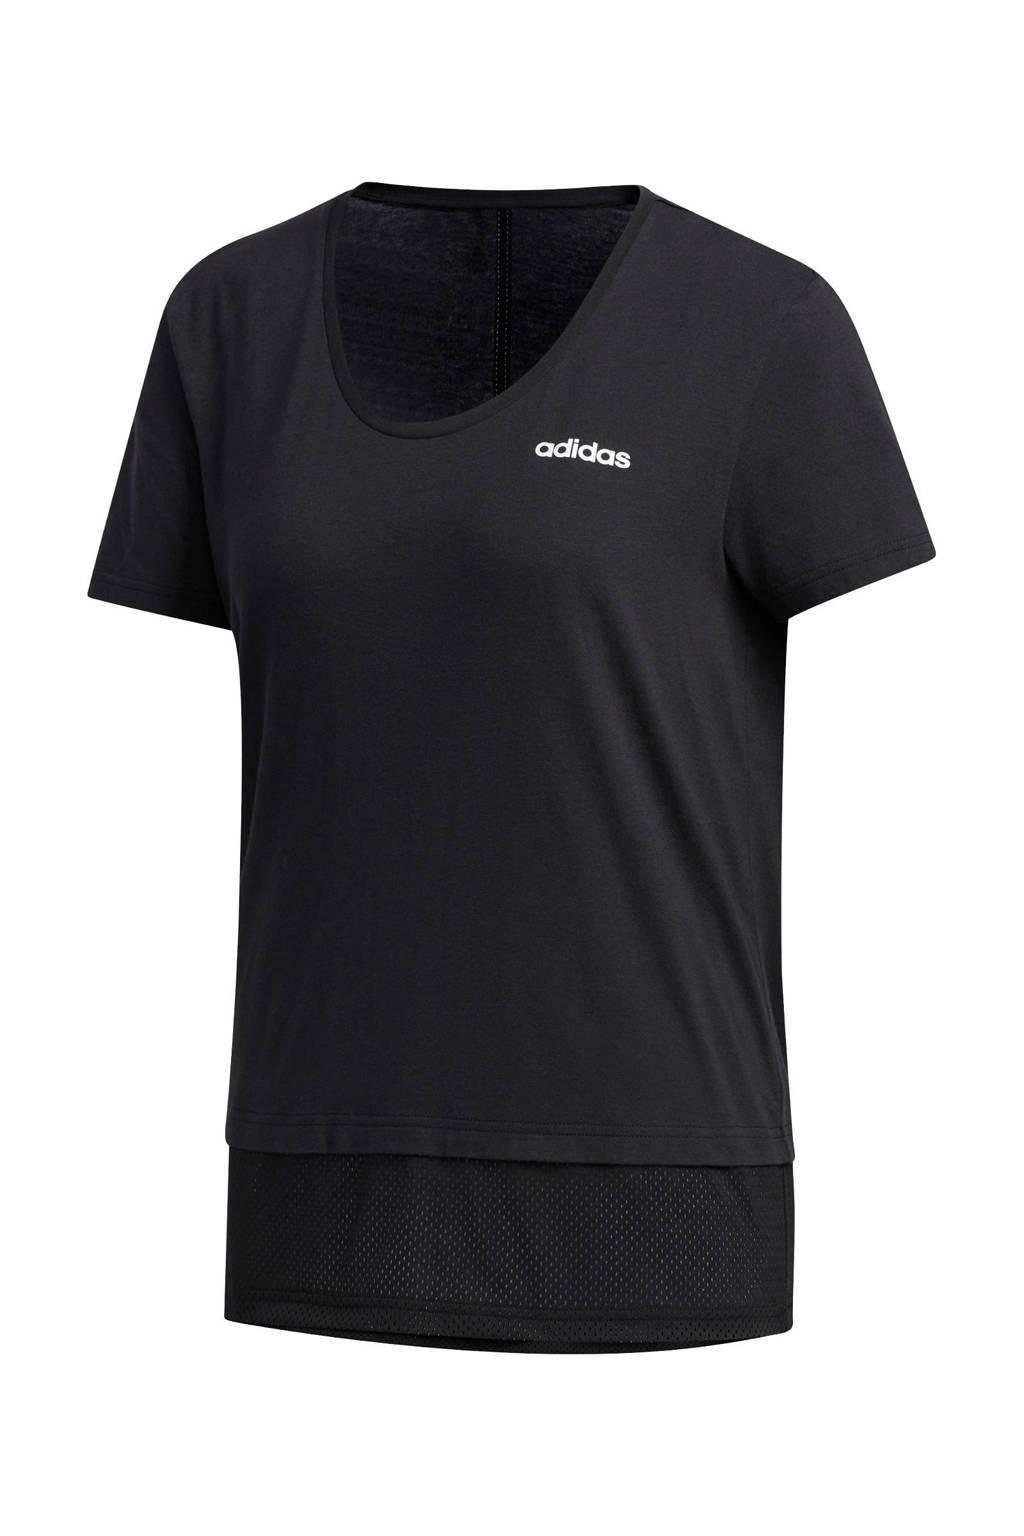 adidas Performance sport T-shirt zwart, Zwart